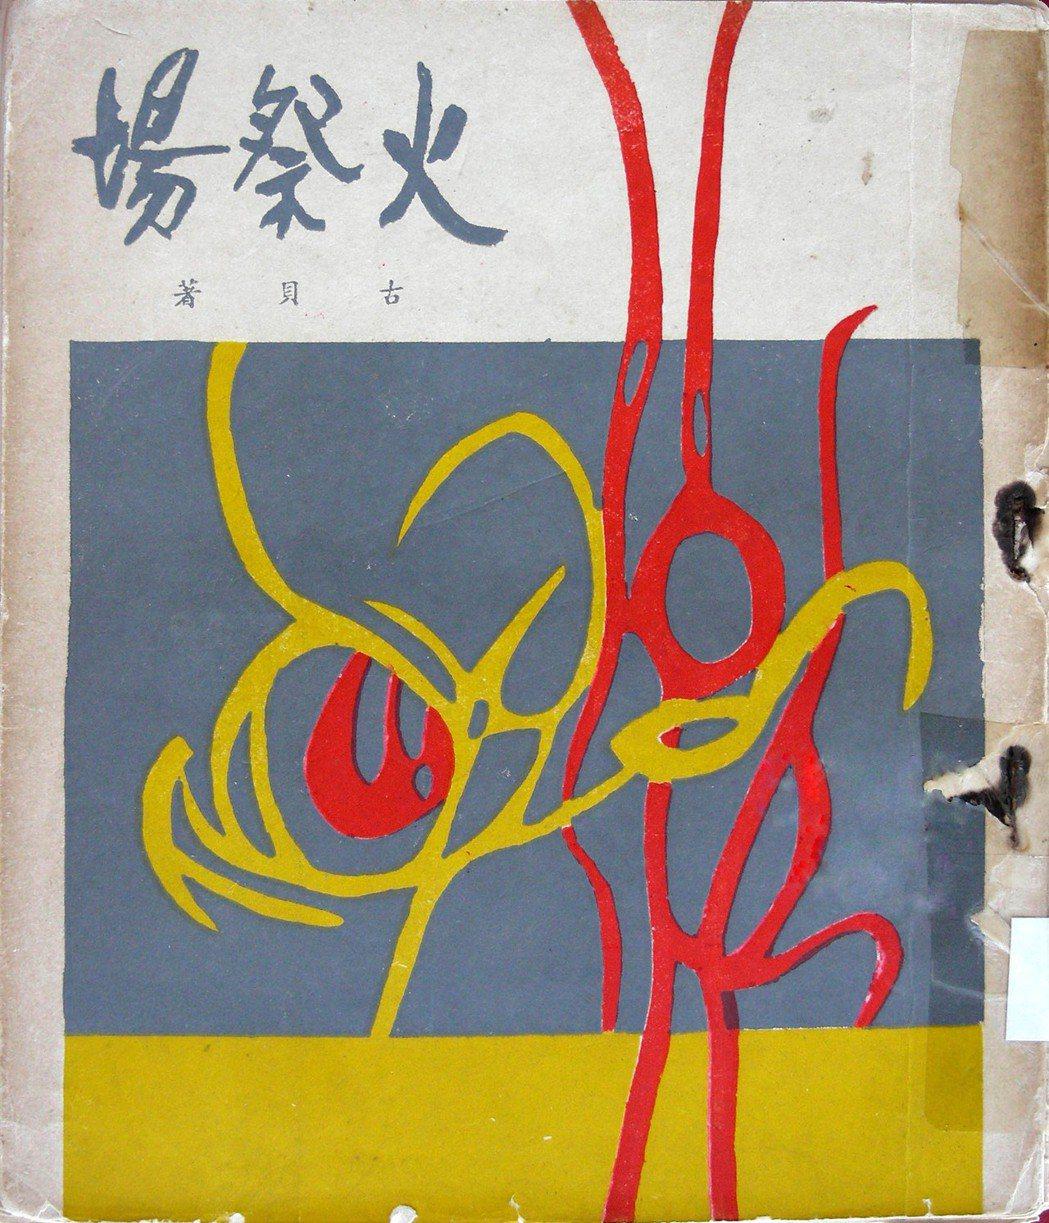 根據張默在1986年12月《文訊》第27期刊載〈現代詩壇的鈎沉錄(下)〉文中記述:詩人古貝,本名林正雄,台灣彰化人,1938年生,畢業於逢甲大學。早期他也是一位極具使命感的現代藝術的熱愛者。古貝的詩曾入選《七十年代詩選》,並著有詩集「火祭場」一冊,1963年四月由藍星詩社出版。 圖/作者提供